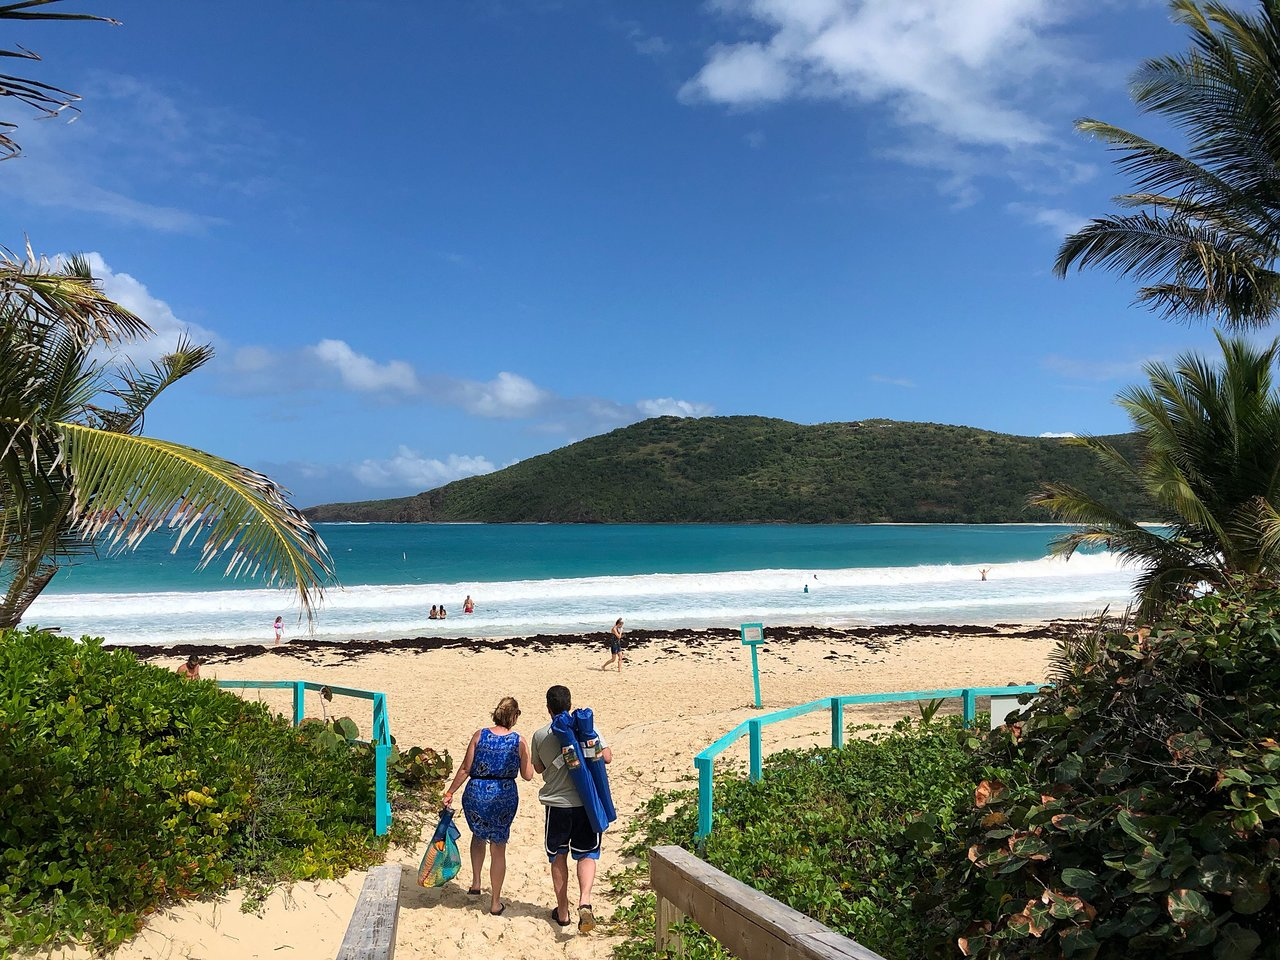 Flamenco Beach Culebra 2020 All You